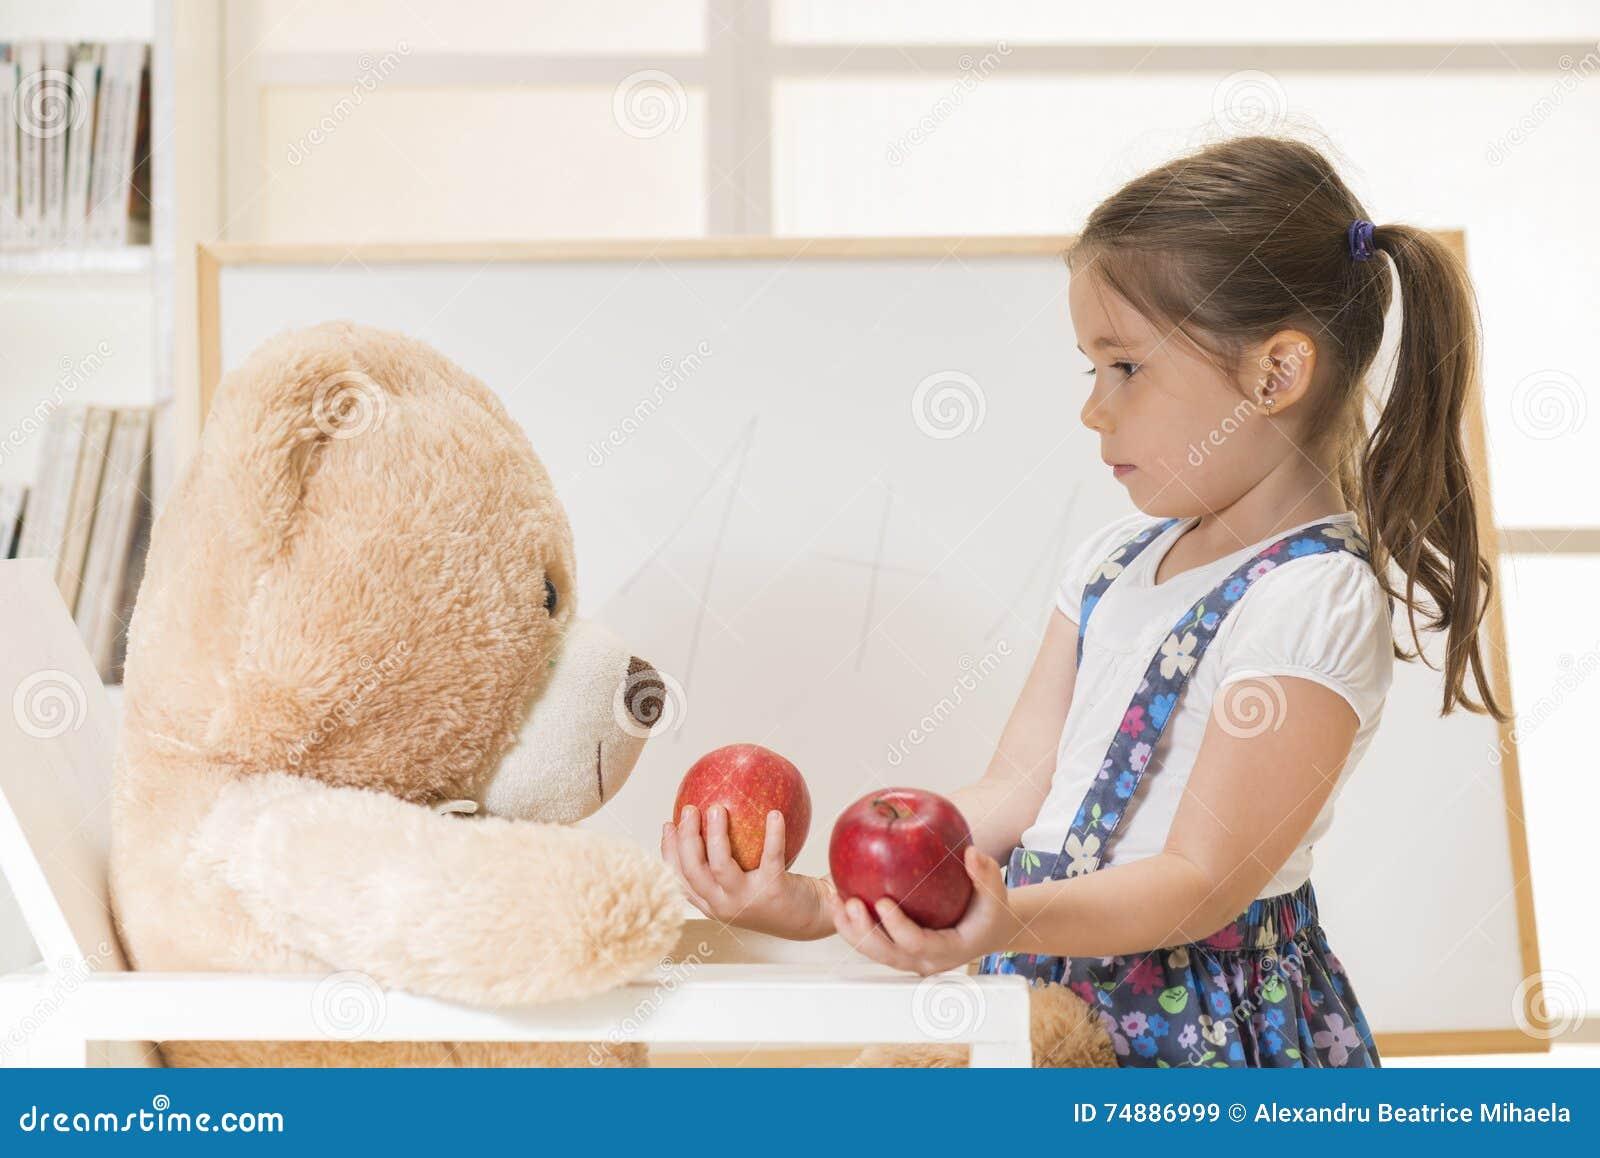 Το μικρό κορίτσι που διδάσκει το παιχνίδι της αντέχει το φίλο που μετρά με τα μήλα, εσωτερικός πυροβολισμός